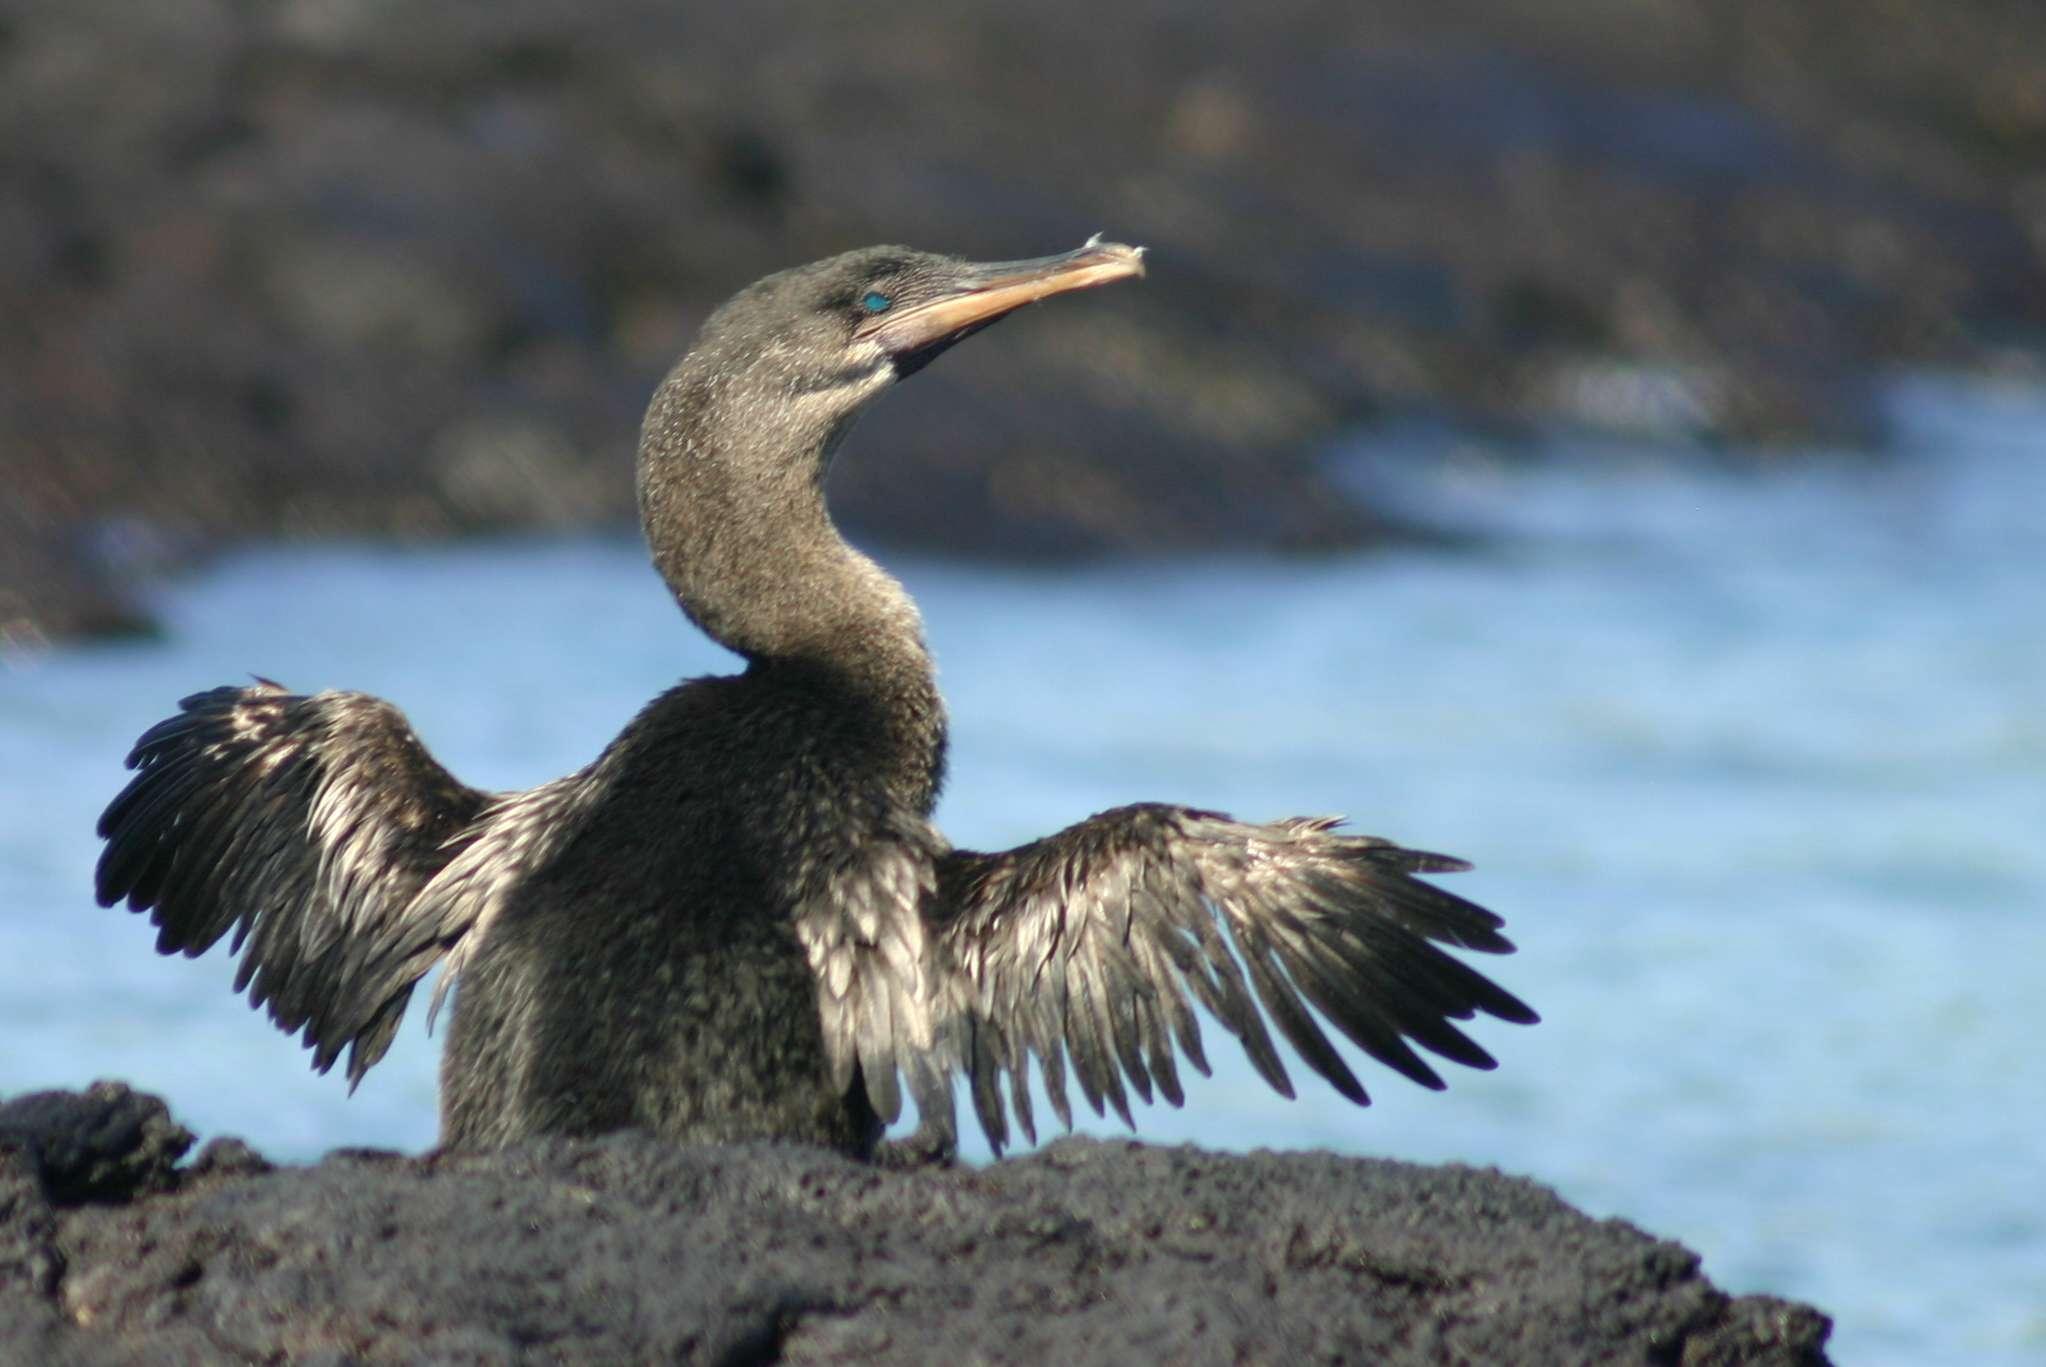 gray flightless cormorant spreads wings near water